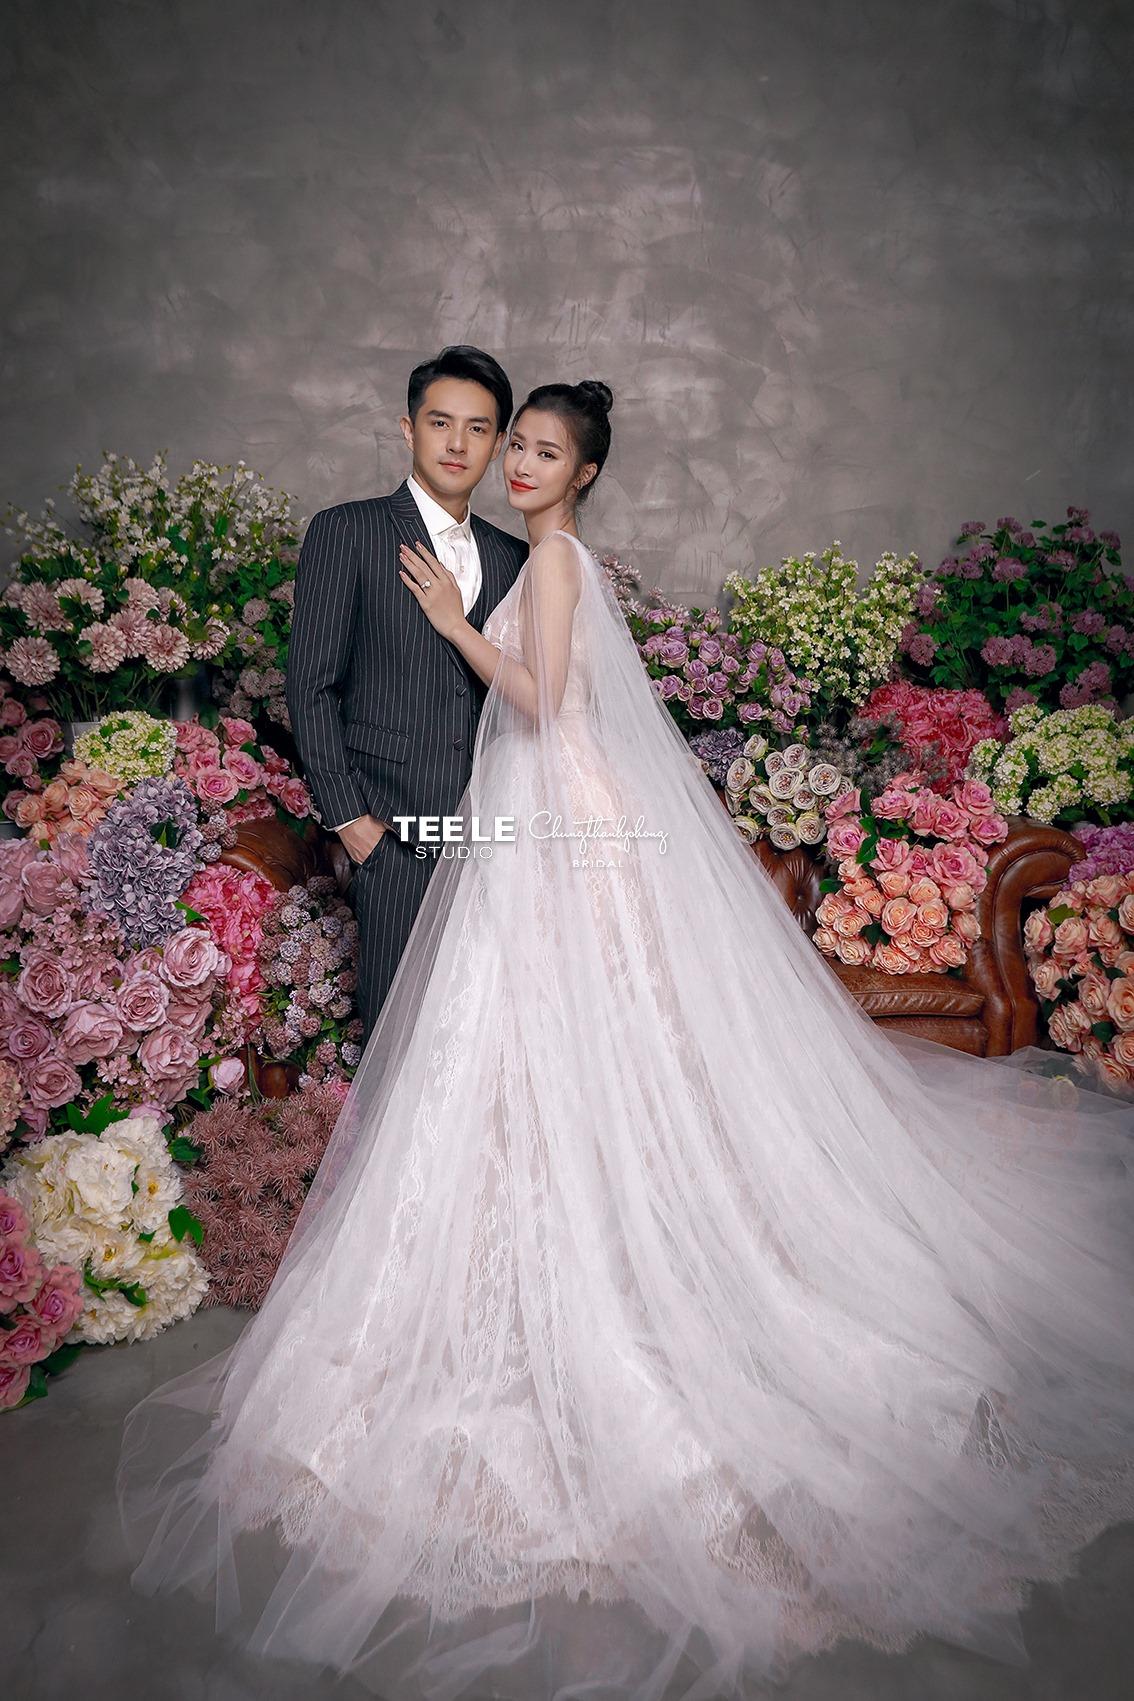 Ông Cao Thắng và Đông Nhi chia sẻ cảm xúc trước ngày hôn lễ trong mơ diễn ra - Hình 3